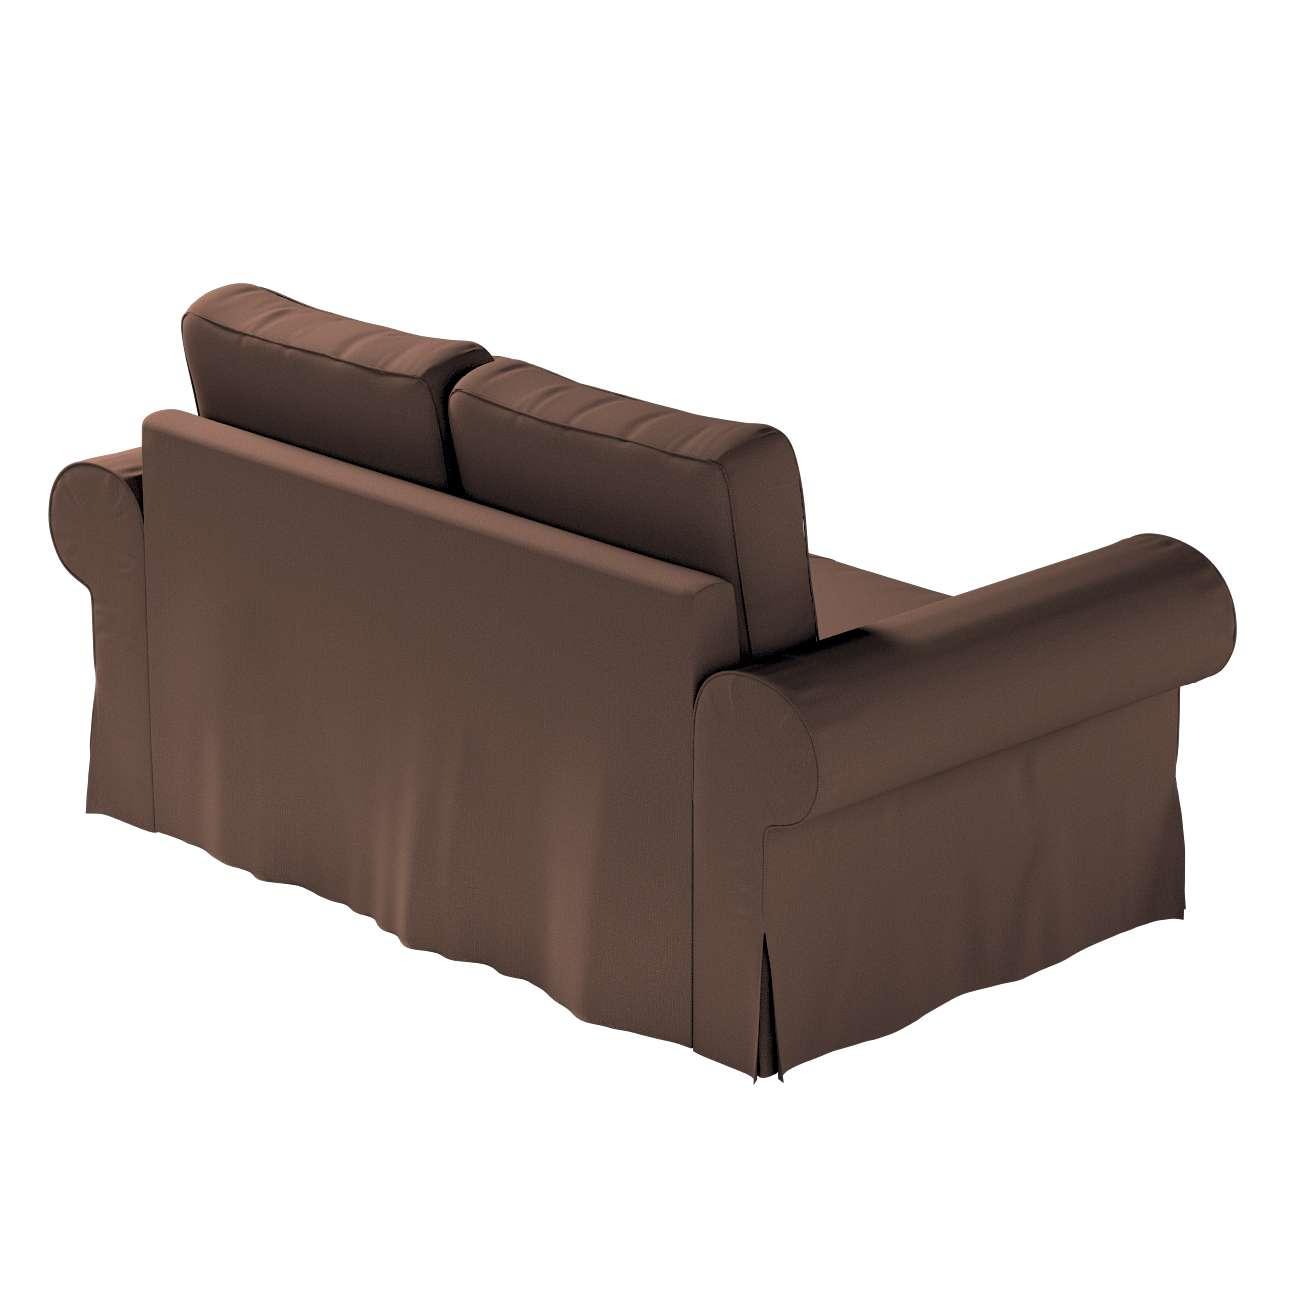 Bezug für Backabro 2-Sitzer Sofa ausklappbar von der Kollektion Bergen, Stoff: 161-73